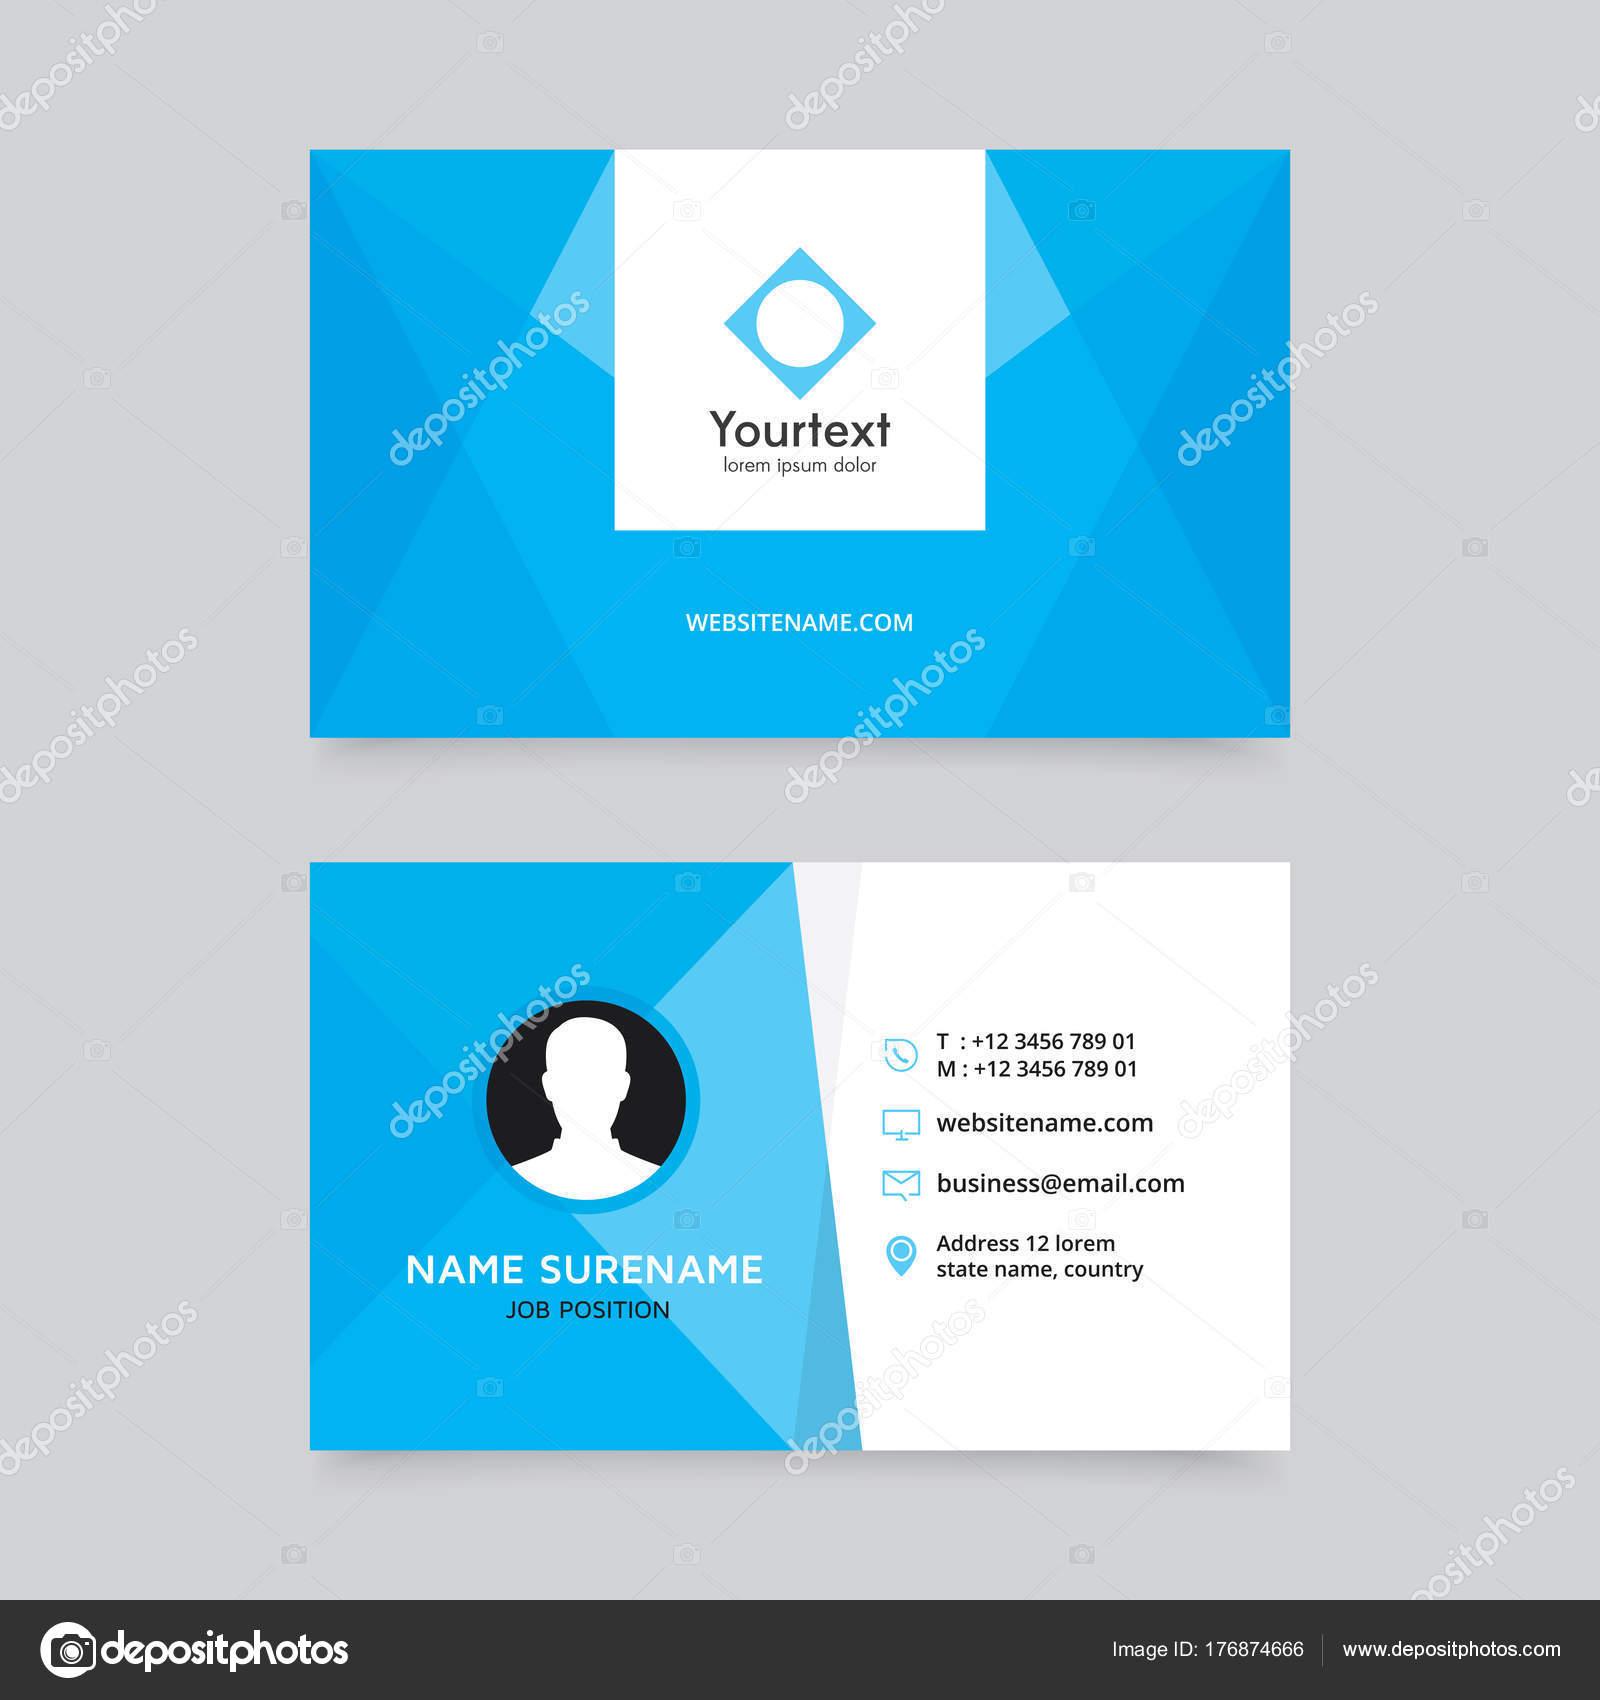 Conception De Carte Visite Propre Bleu Elegant Modele Moderne Creative Et Vecteur Design Plat Avec La Couleur Bleue